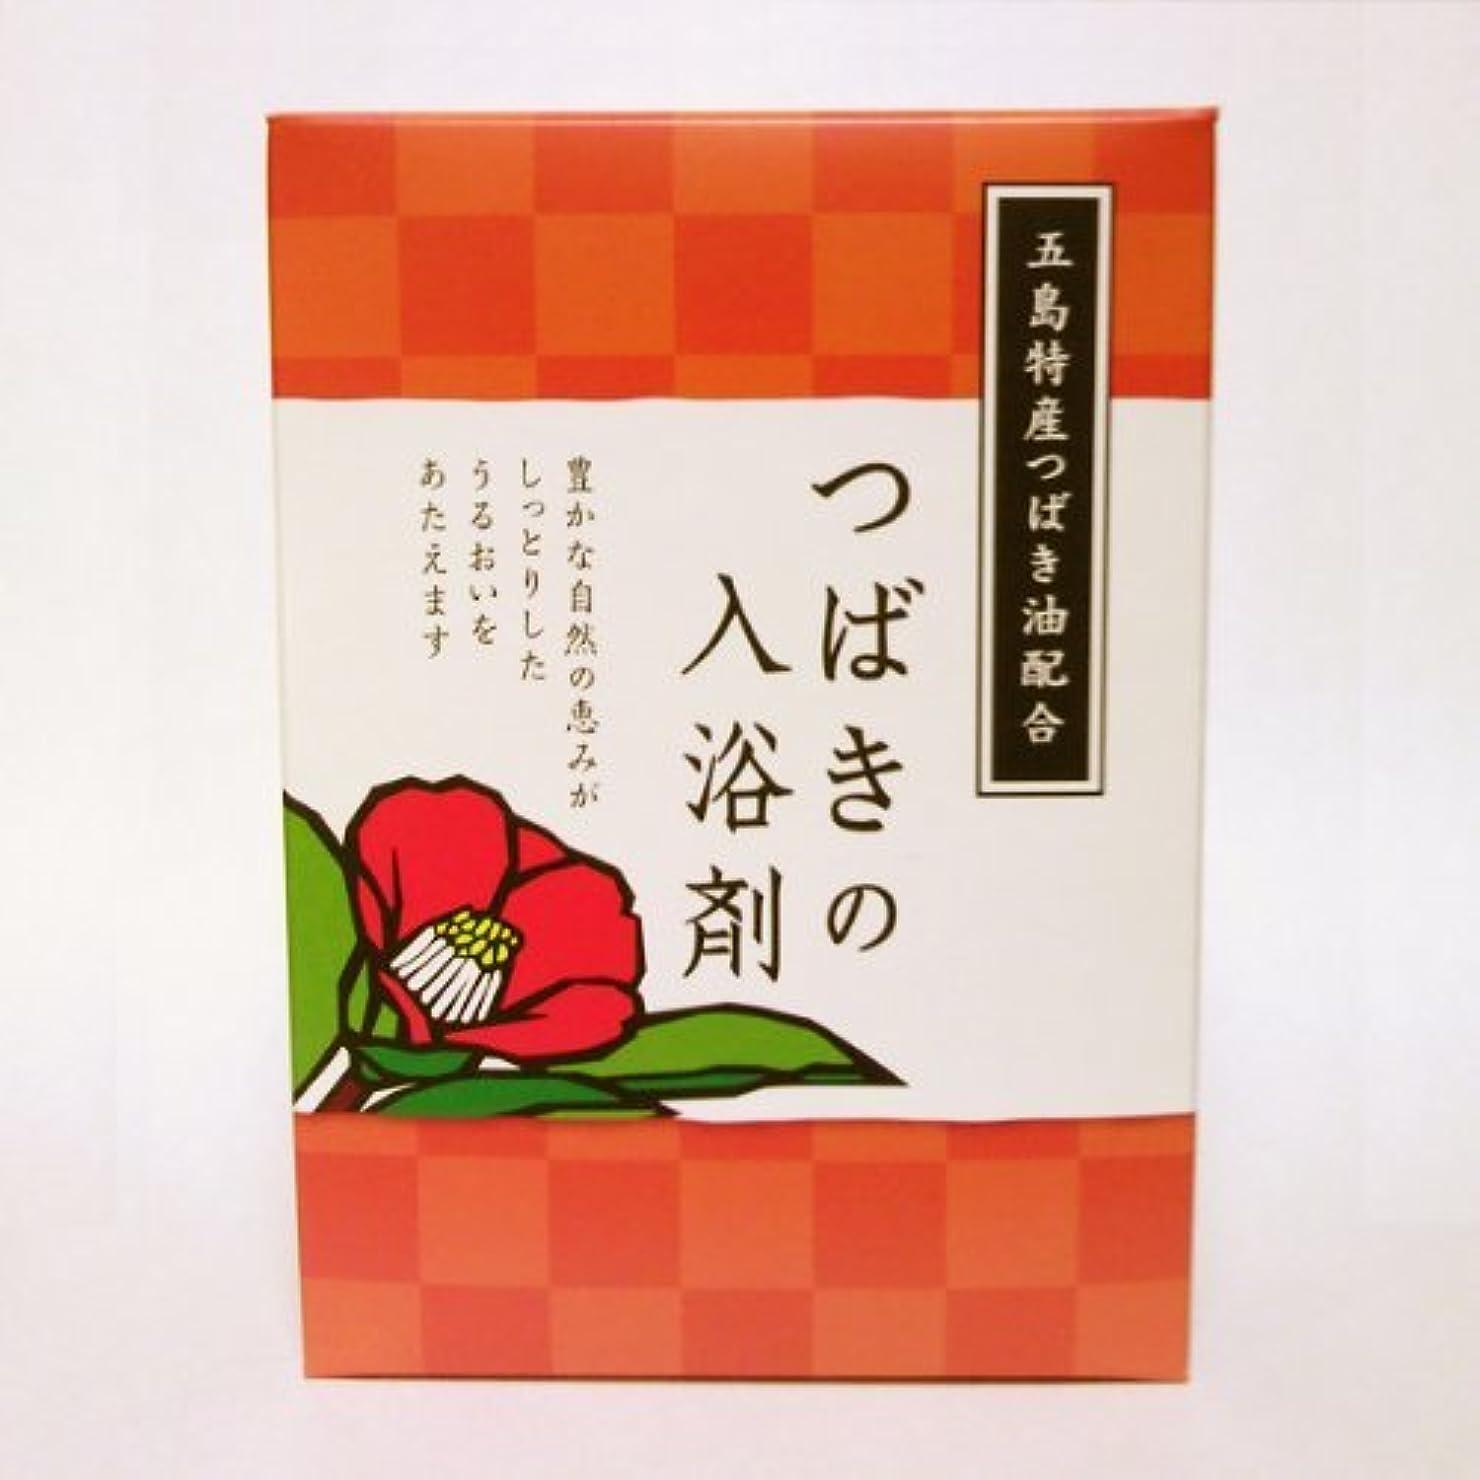 極めてそれによって手当五島特産純粋 つばきの入浴剤 新上五島町振興公社